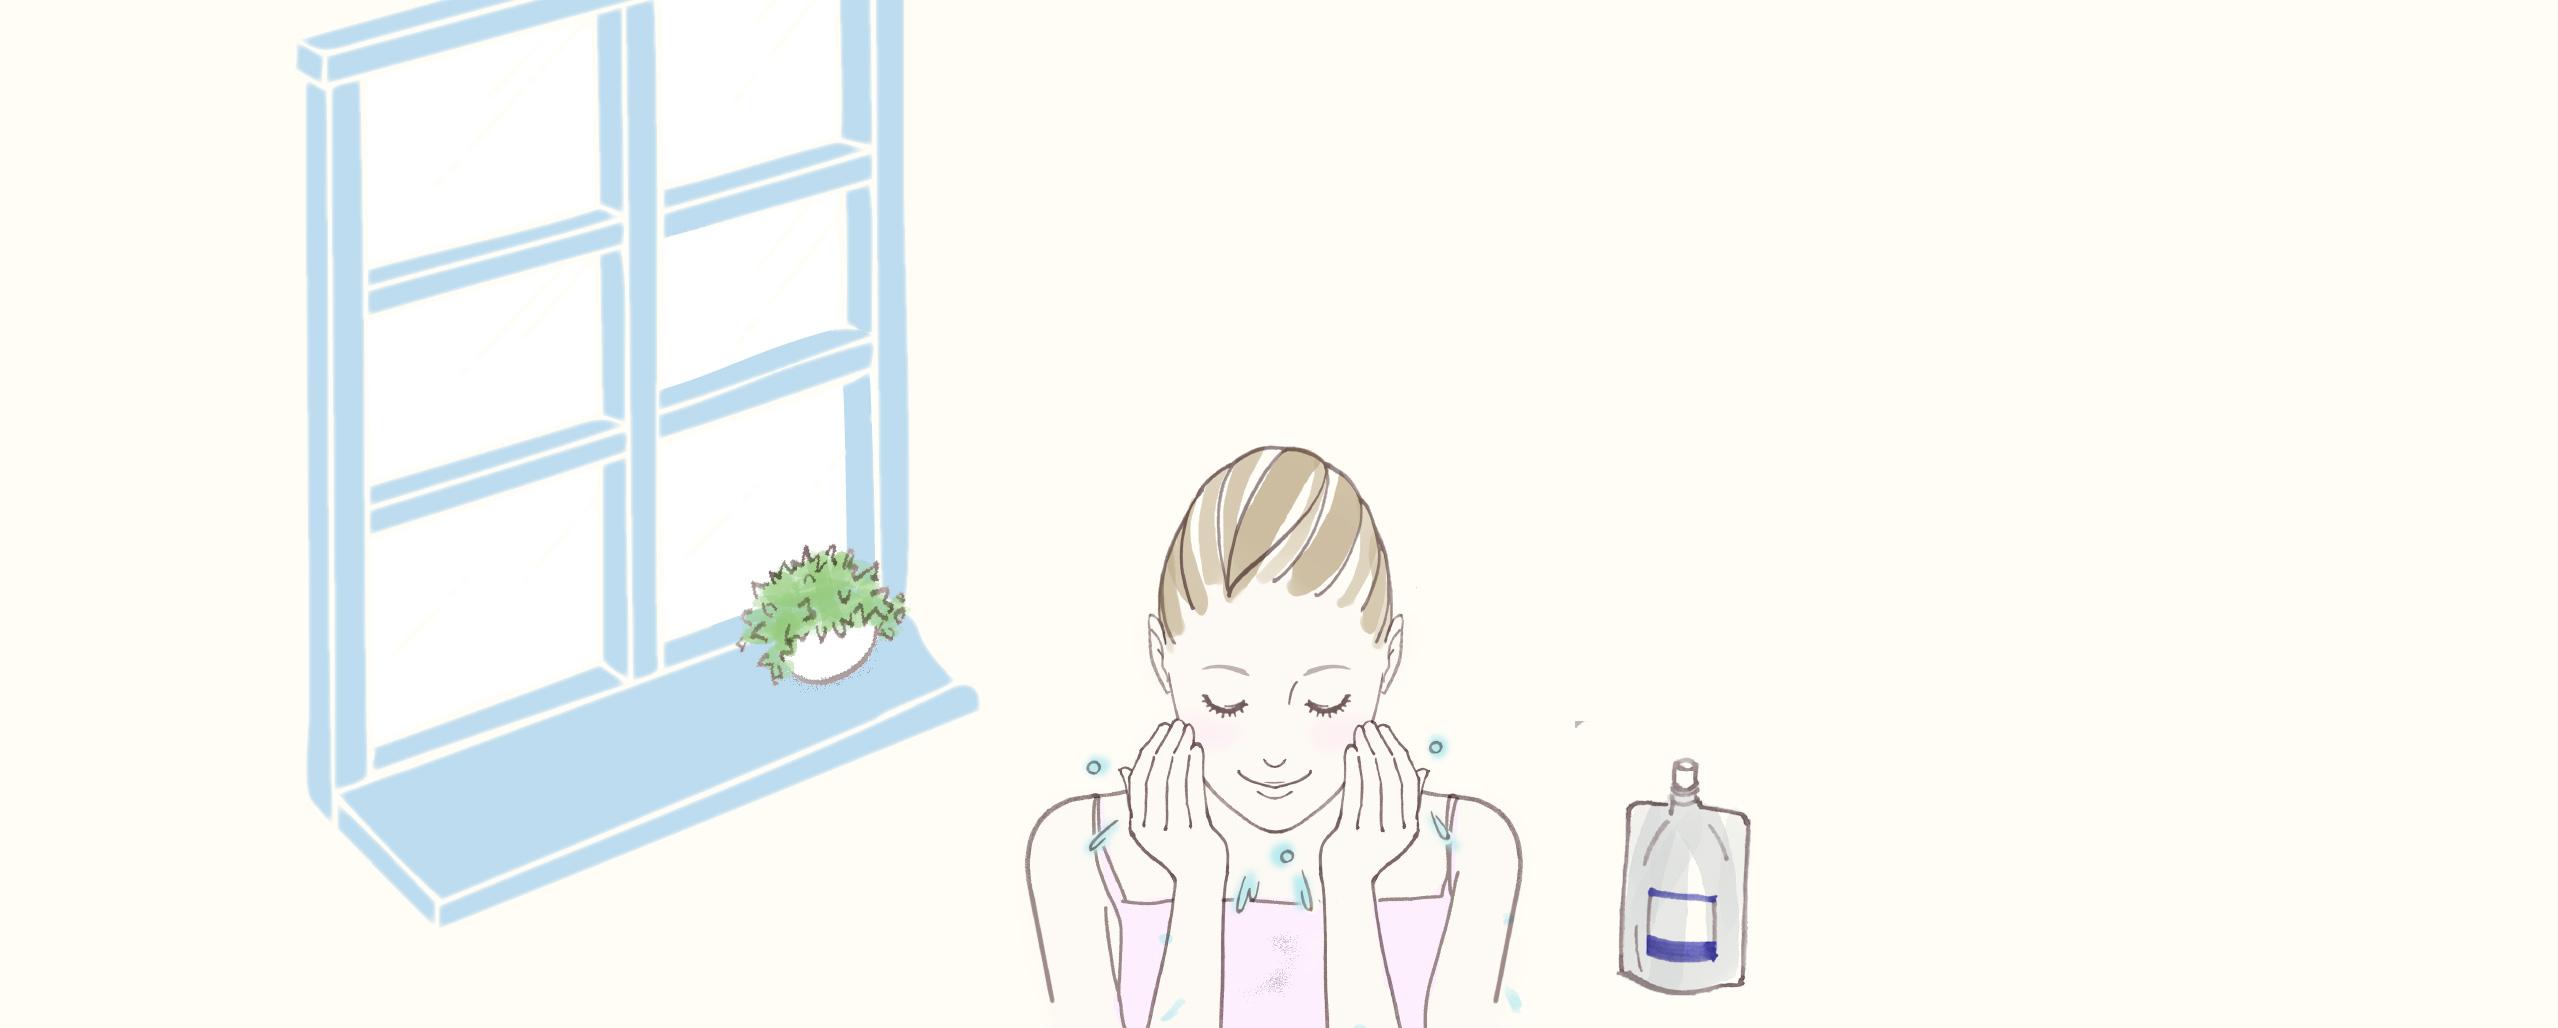 """美肌づくりの新習慣<br> """"朝パック洗顔"""""""